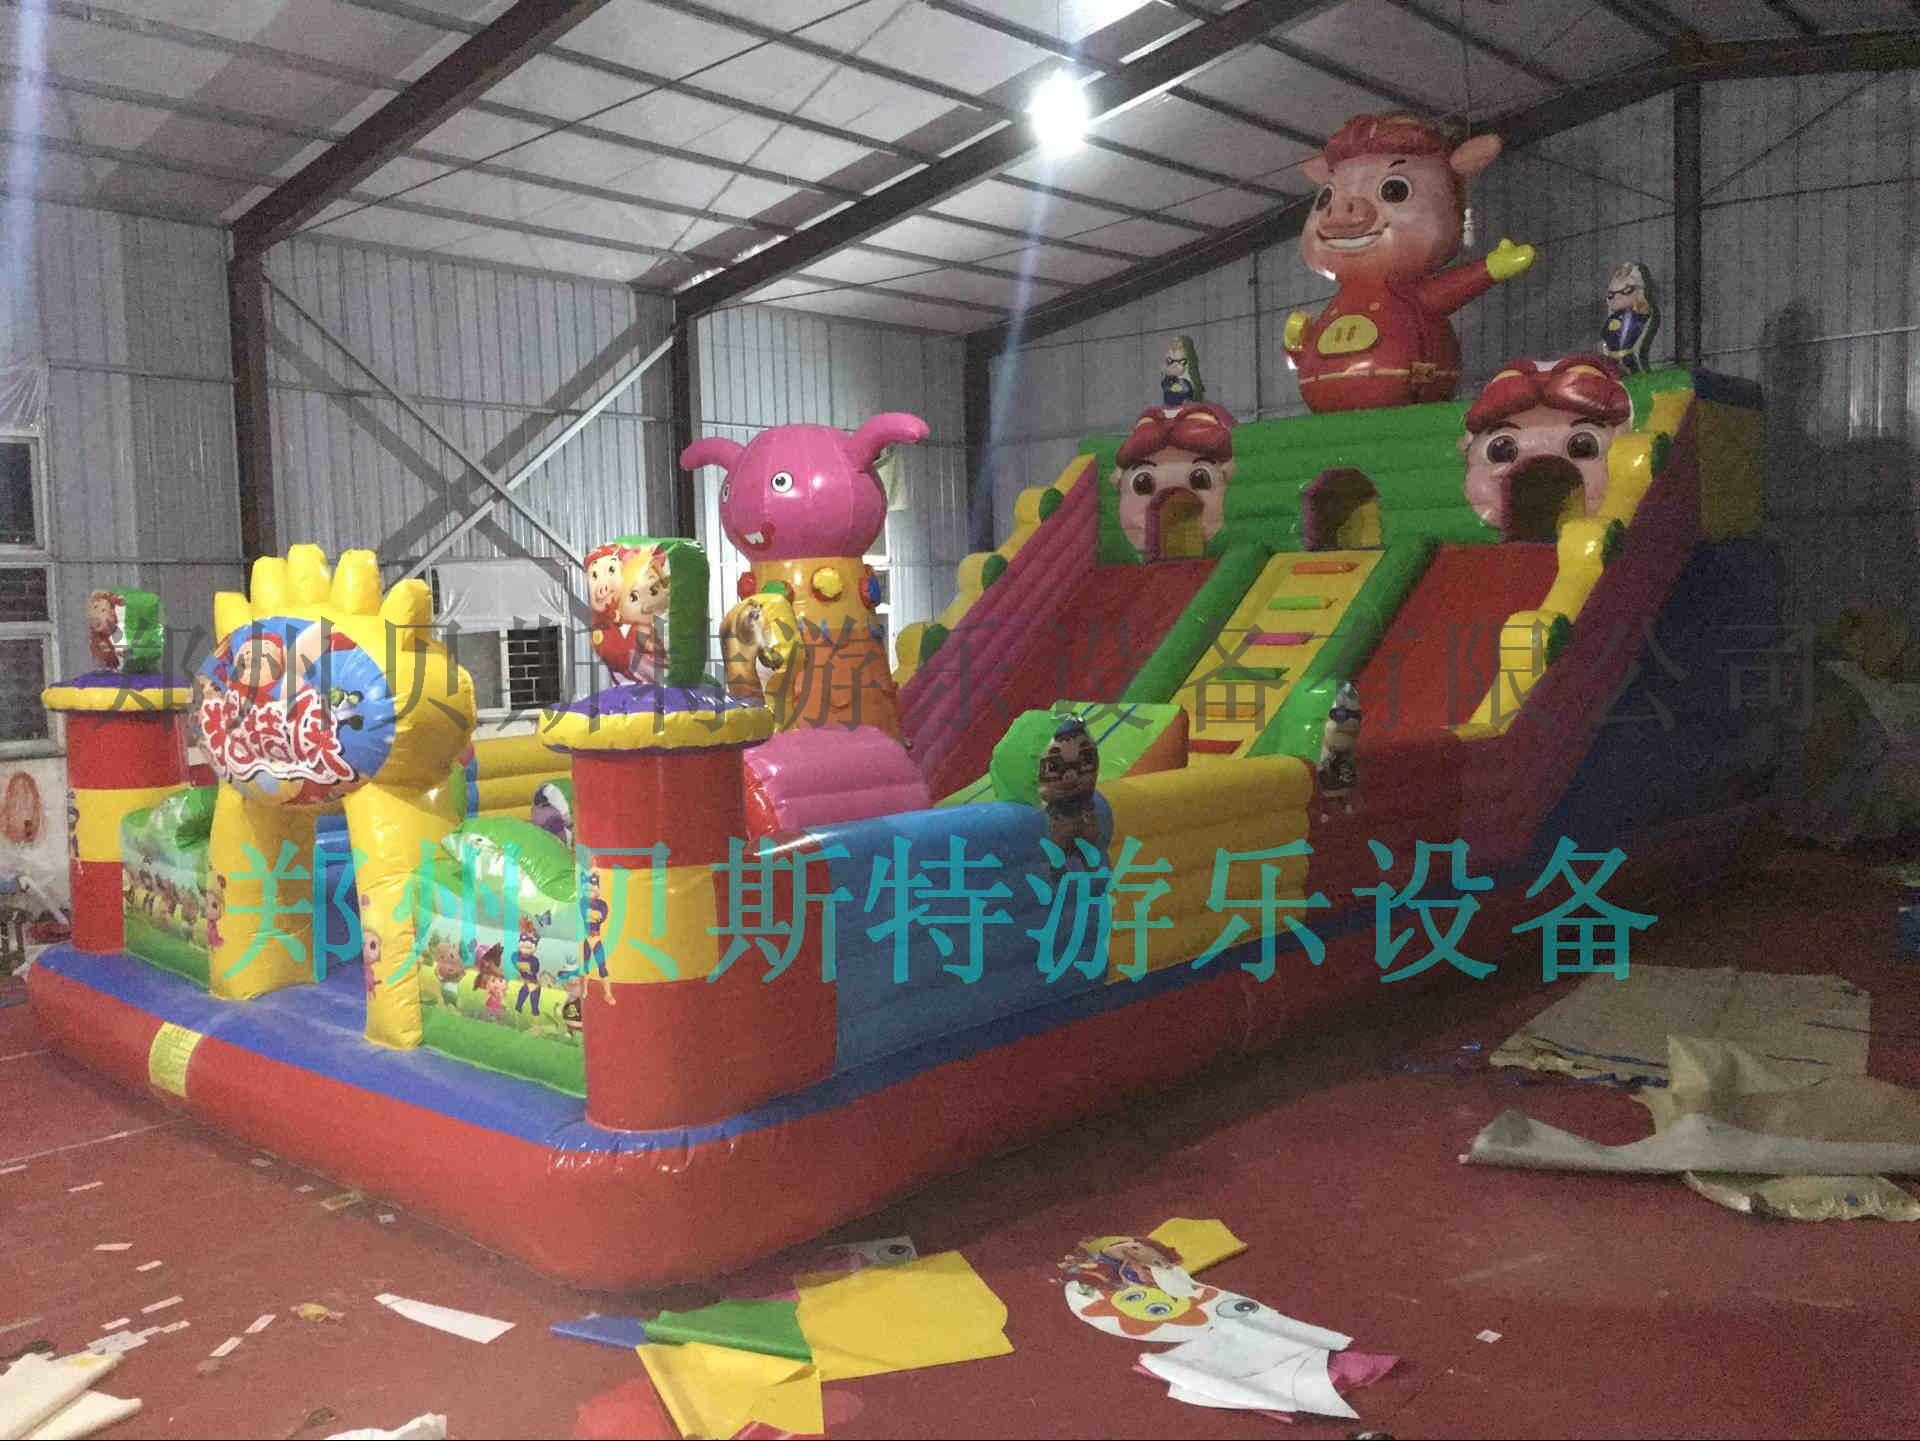 山西陽泉大型充氣城堡貝斯特製造小朋友喜歡的遊樂玩具61489585